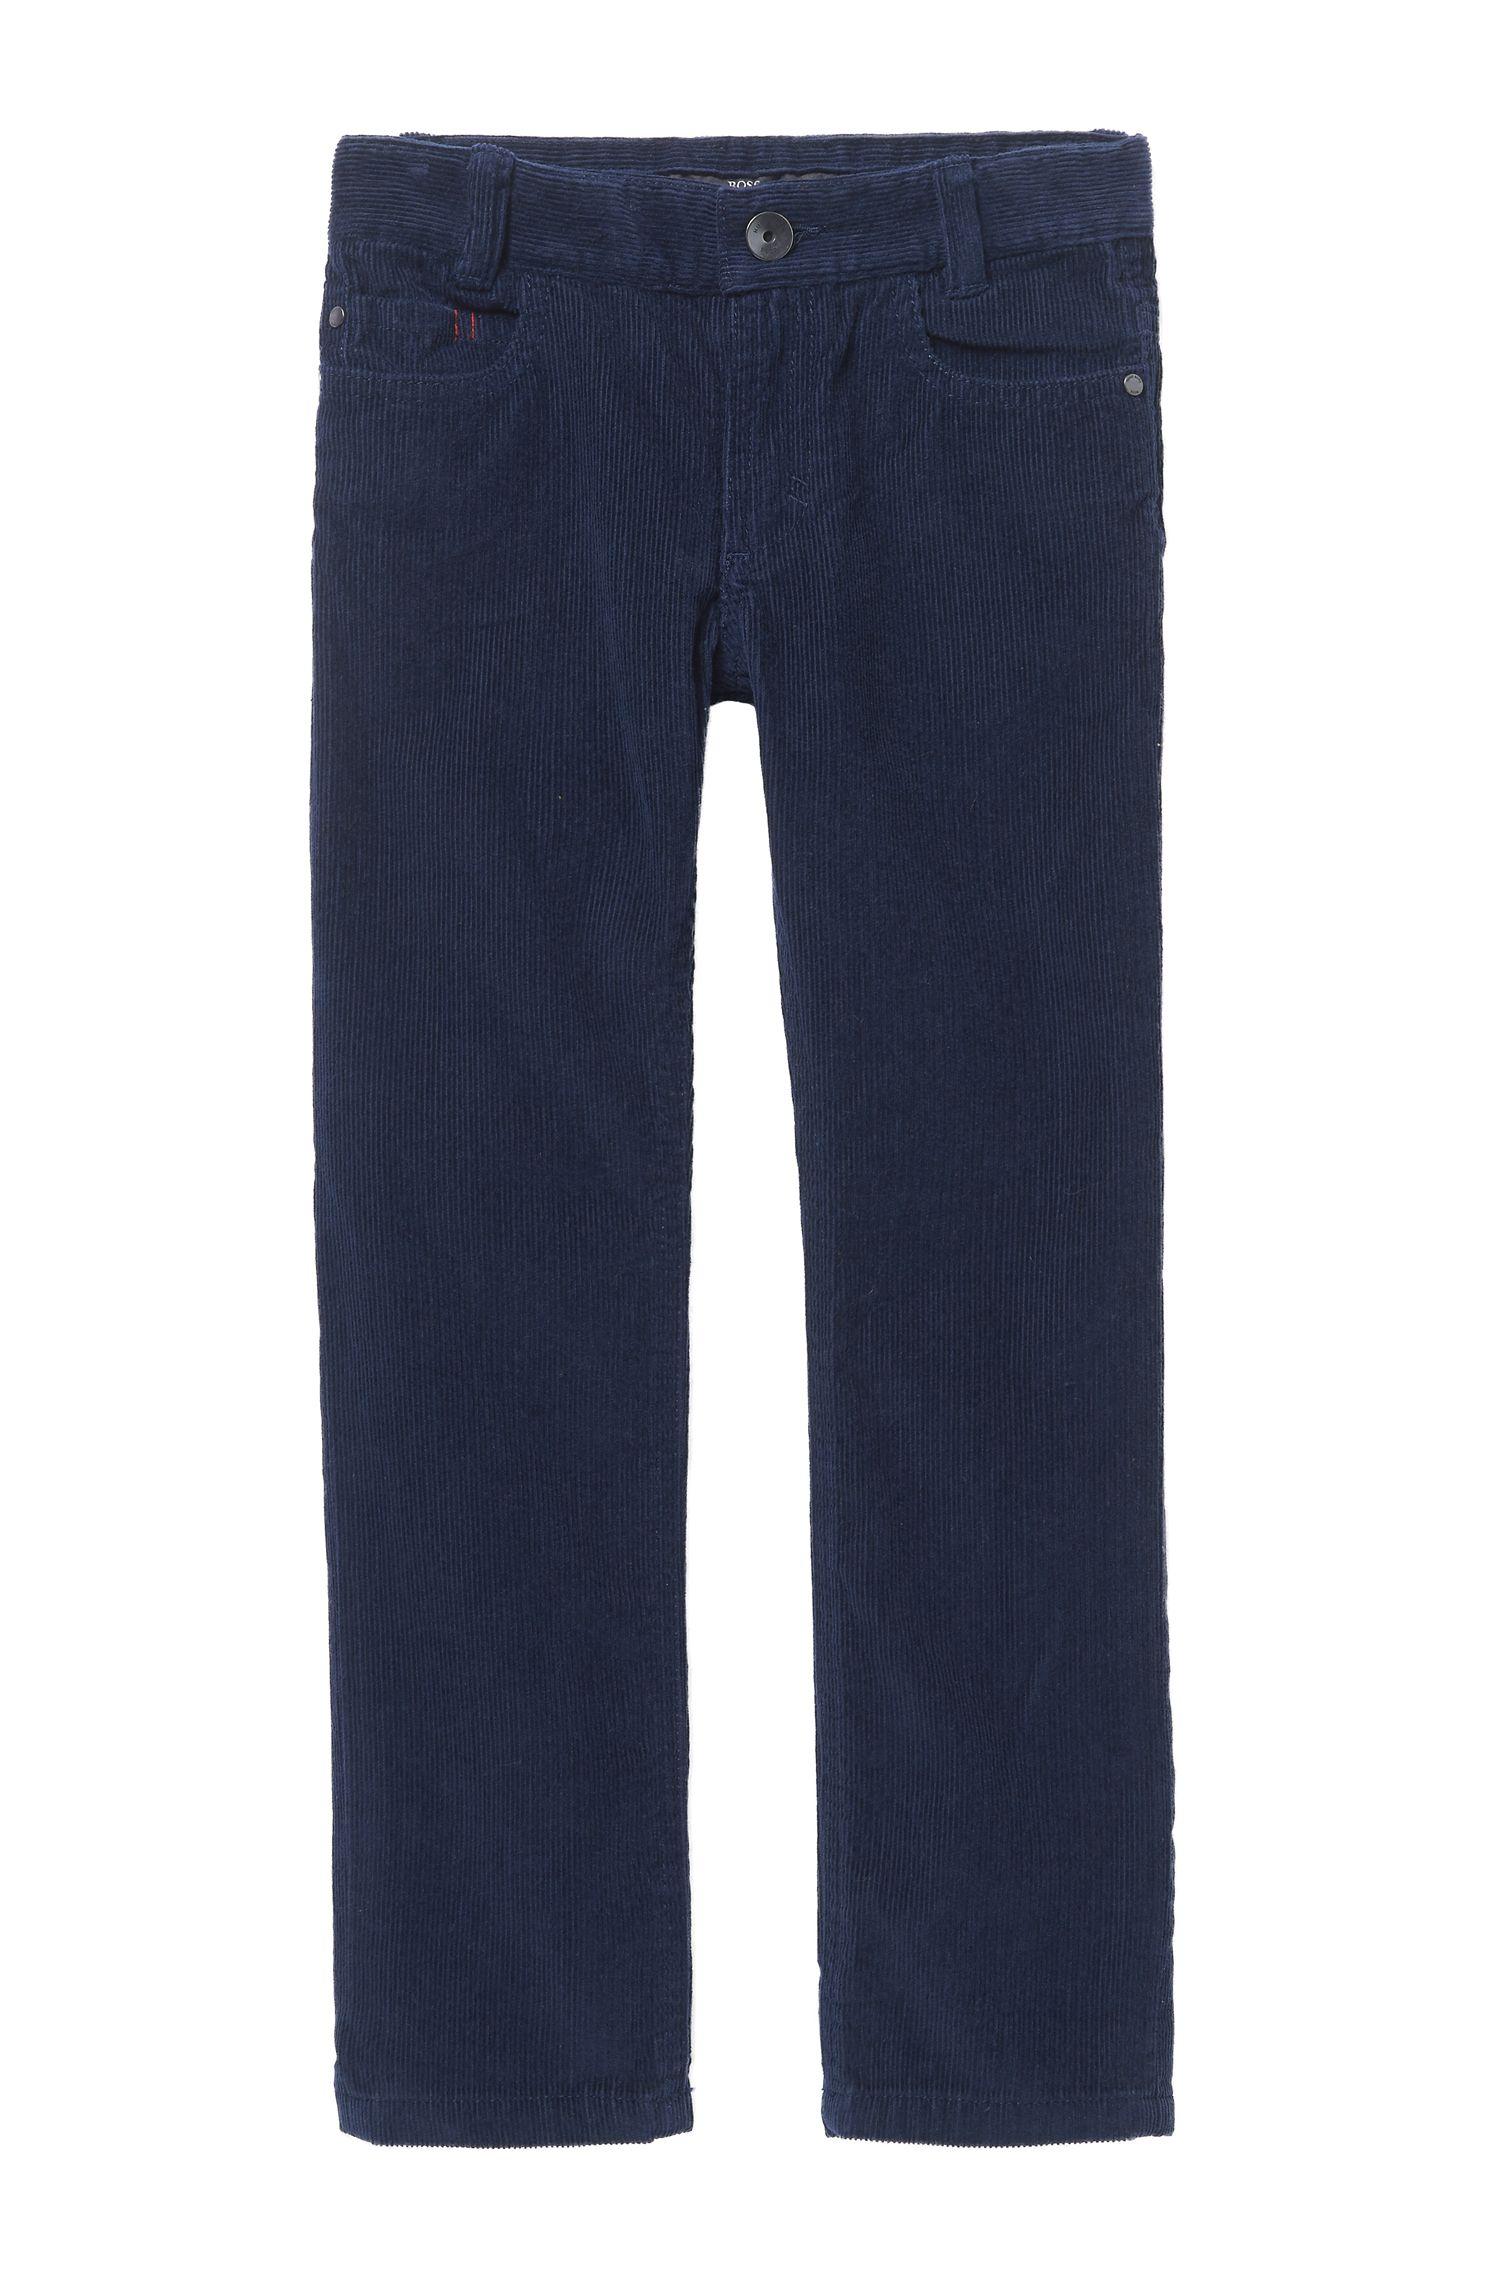 'J24419' | Boys Stretch Cotton Corduroy Trousers